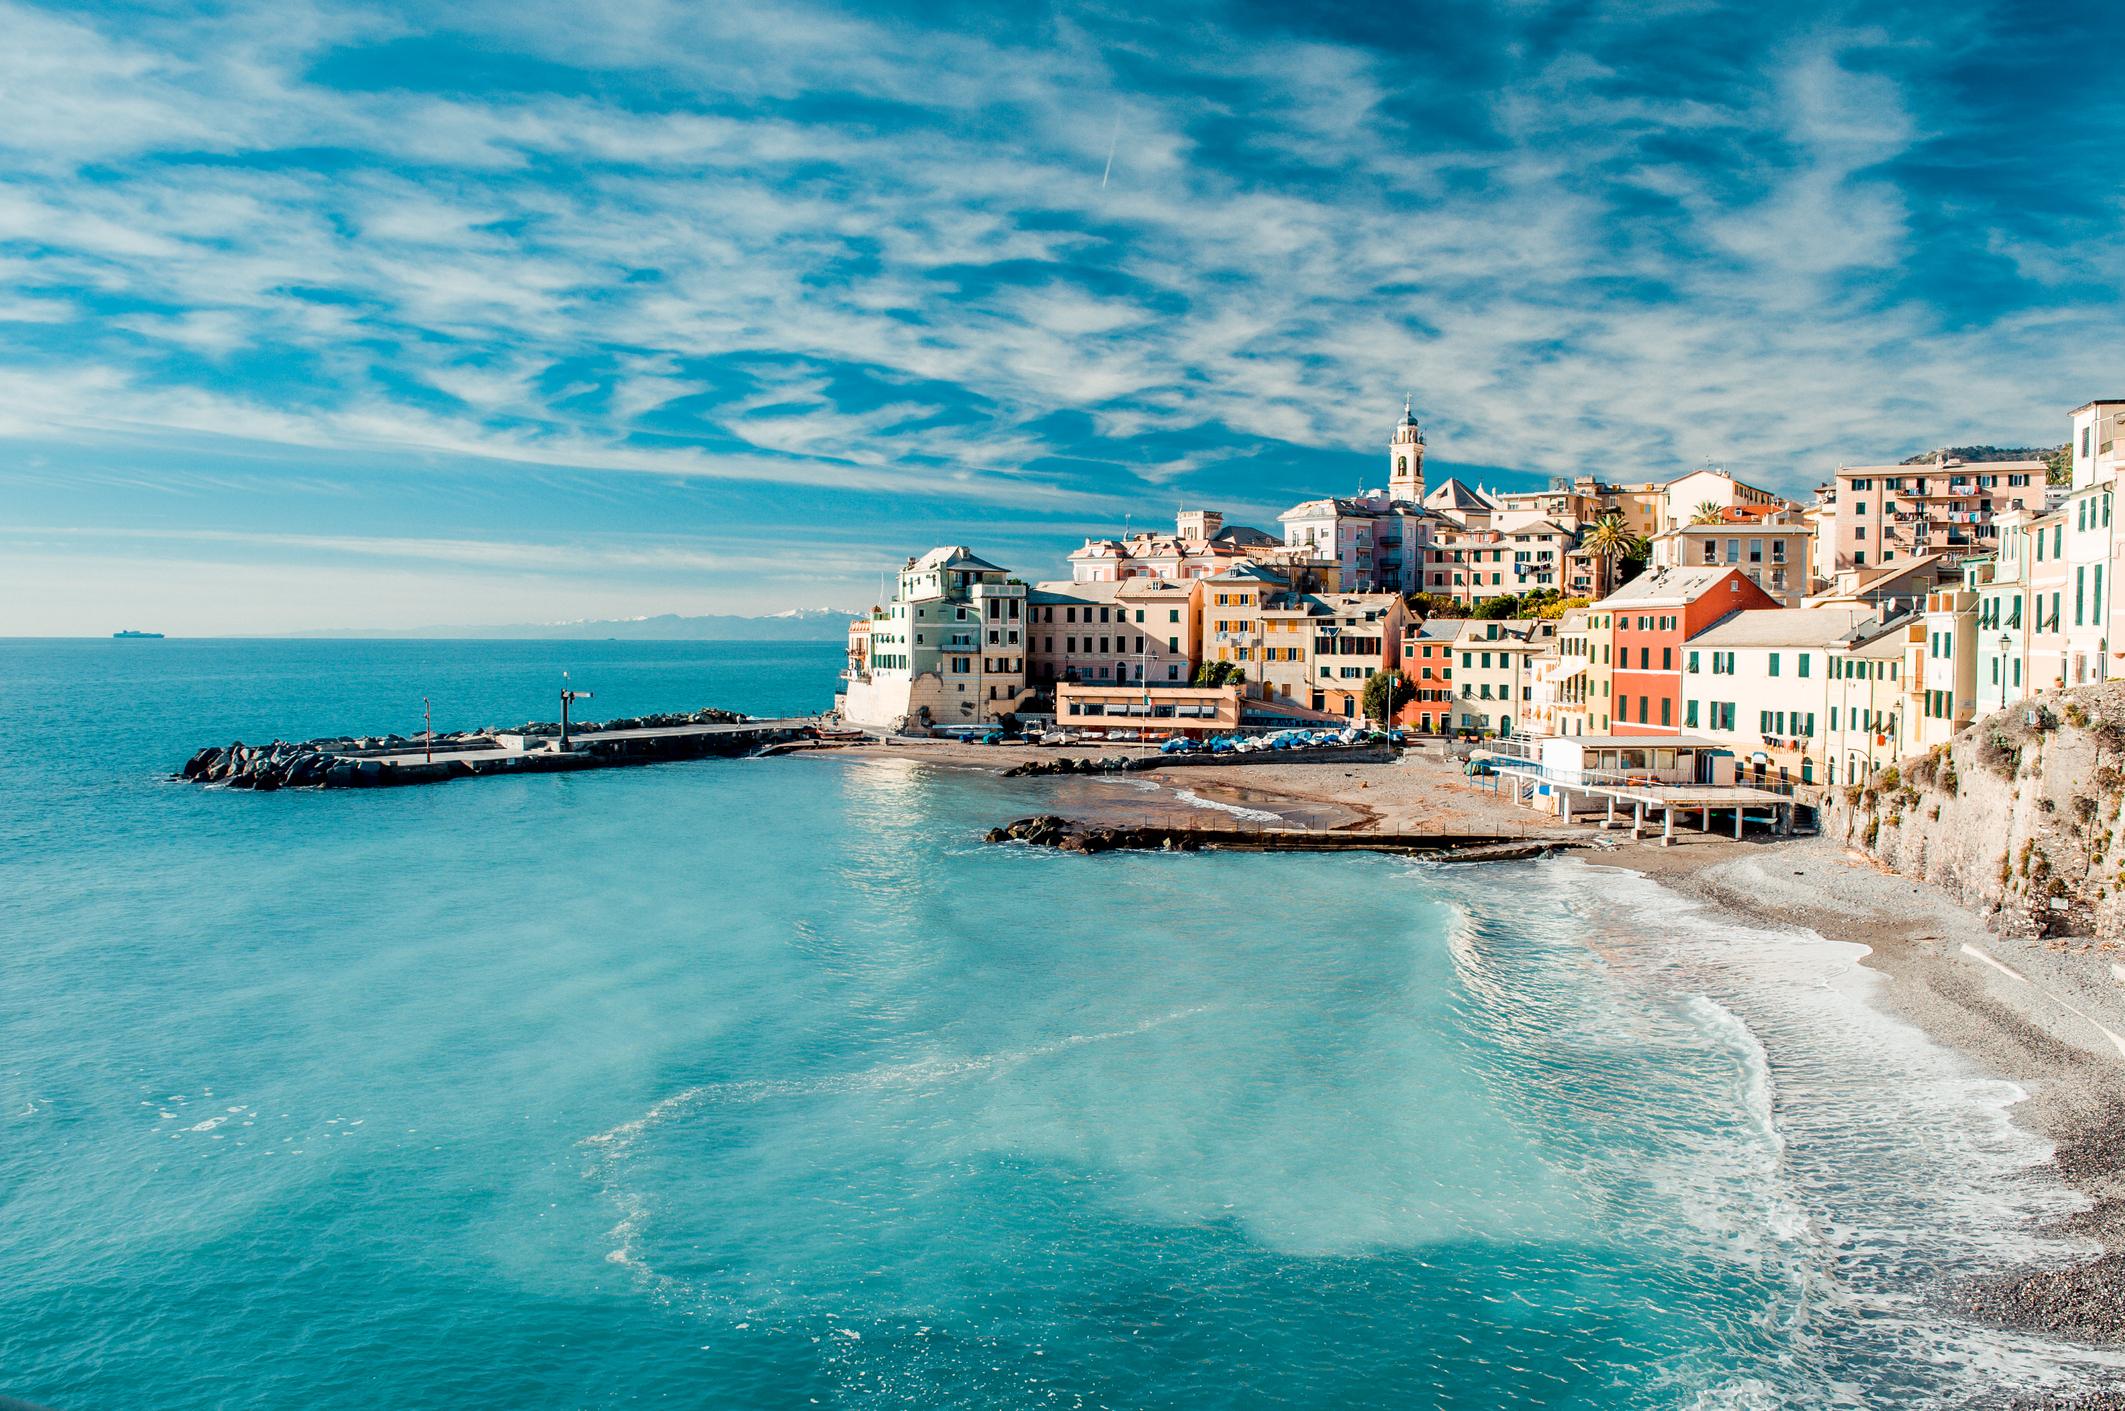 L'Italia cambia: in crescita gli hotel legati alle catene alberghiere